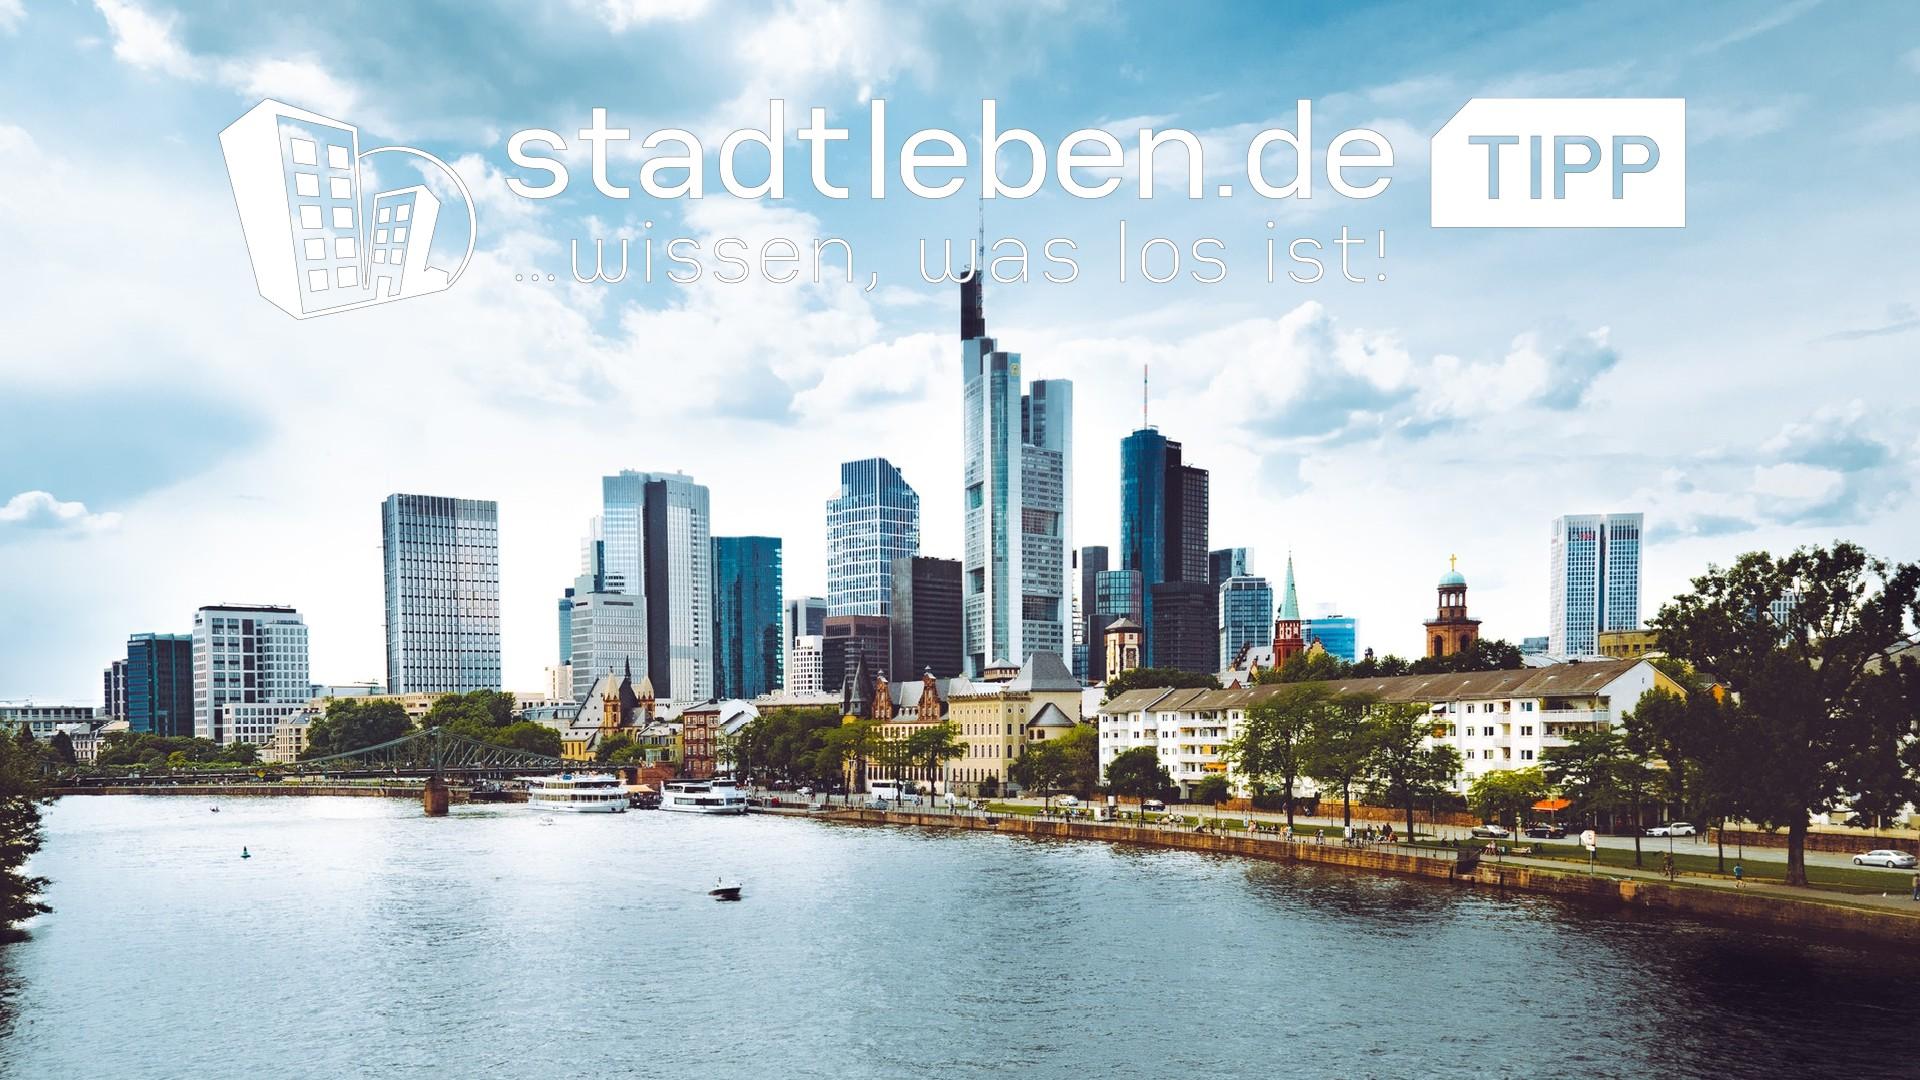 Frankfurt, Skyline, Gebäude, Main, Fluss, Boote, Metropole, City, Main Tower